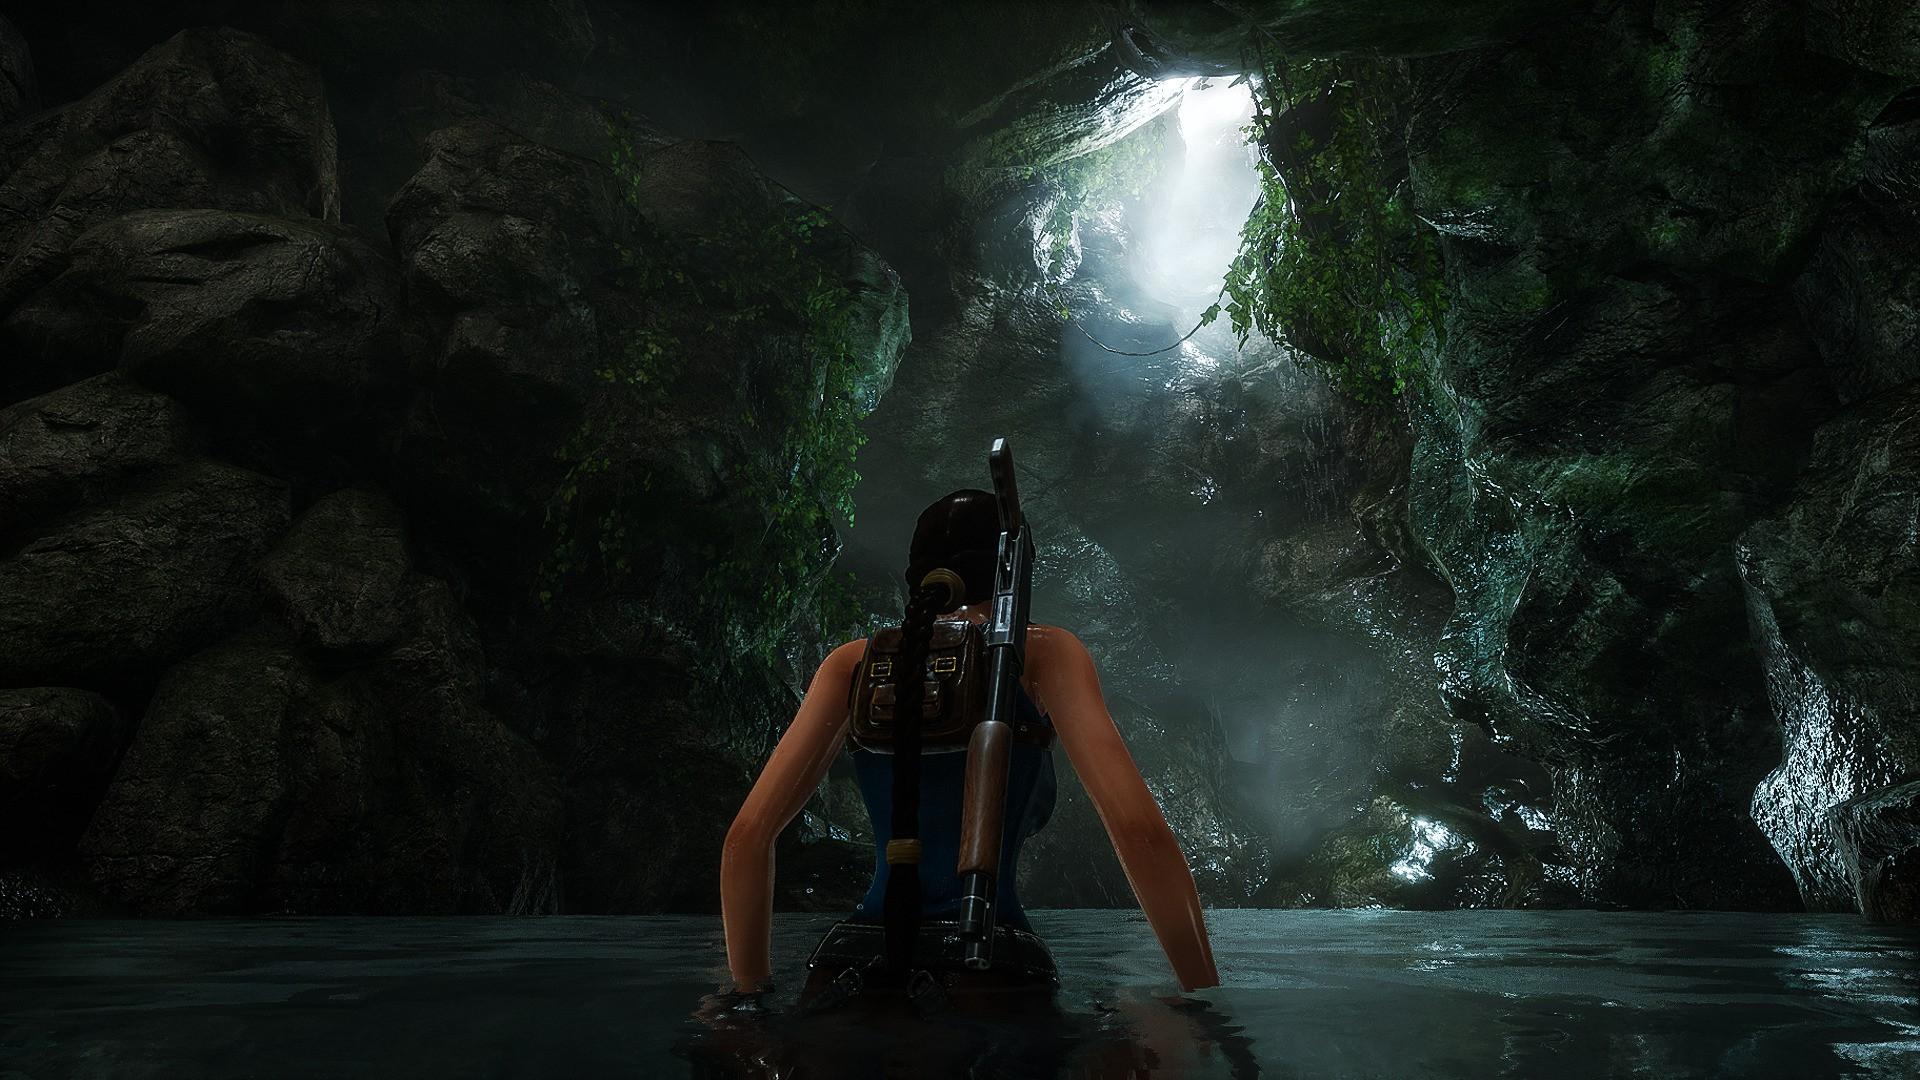 《古墓丽影2:西安匕首》重制版9月1日发布试玩版 可游玩时长约1小时